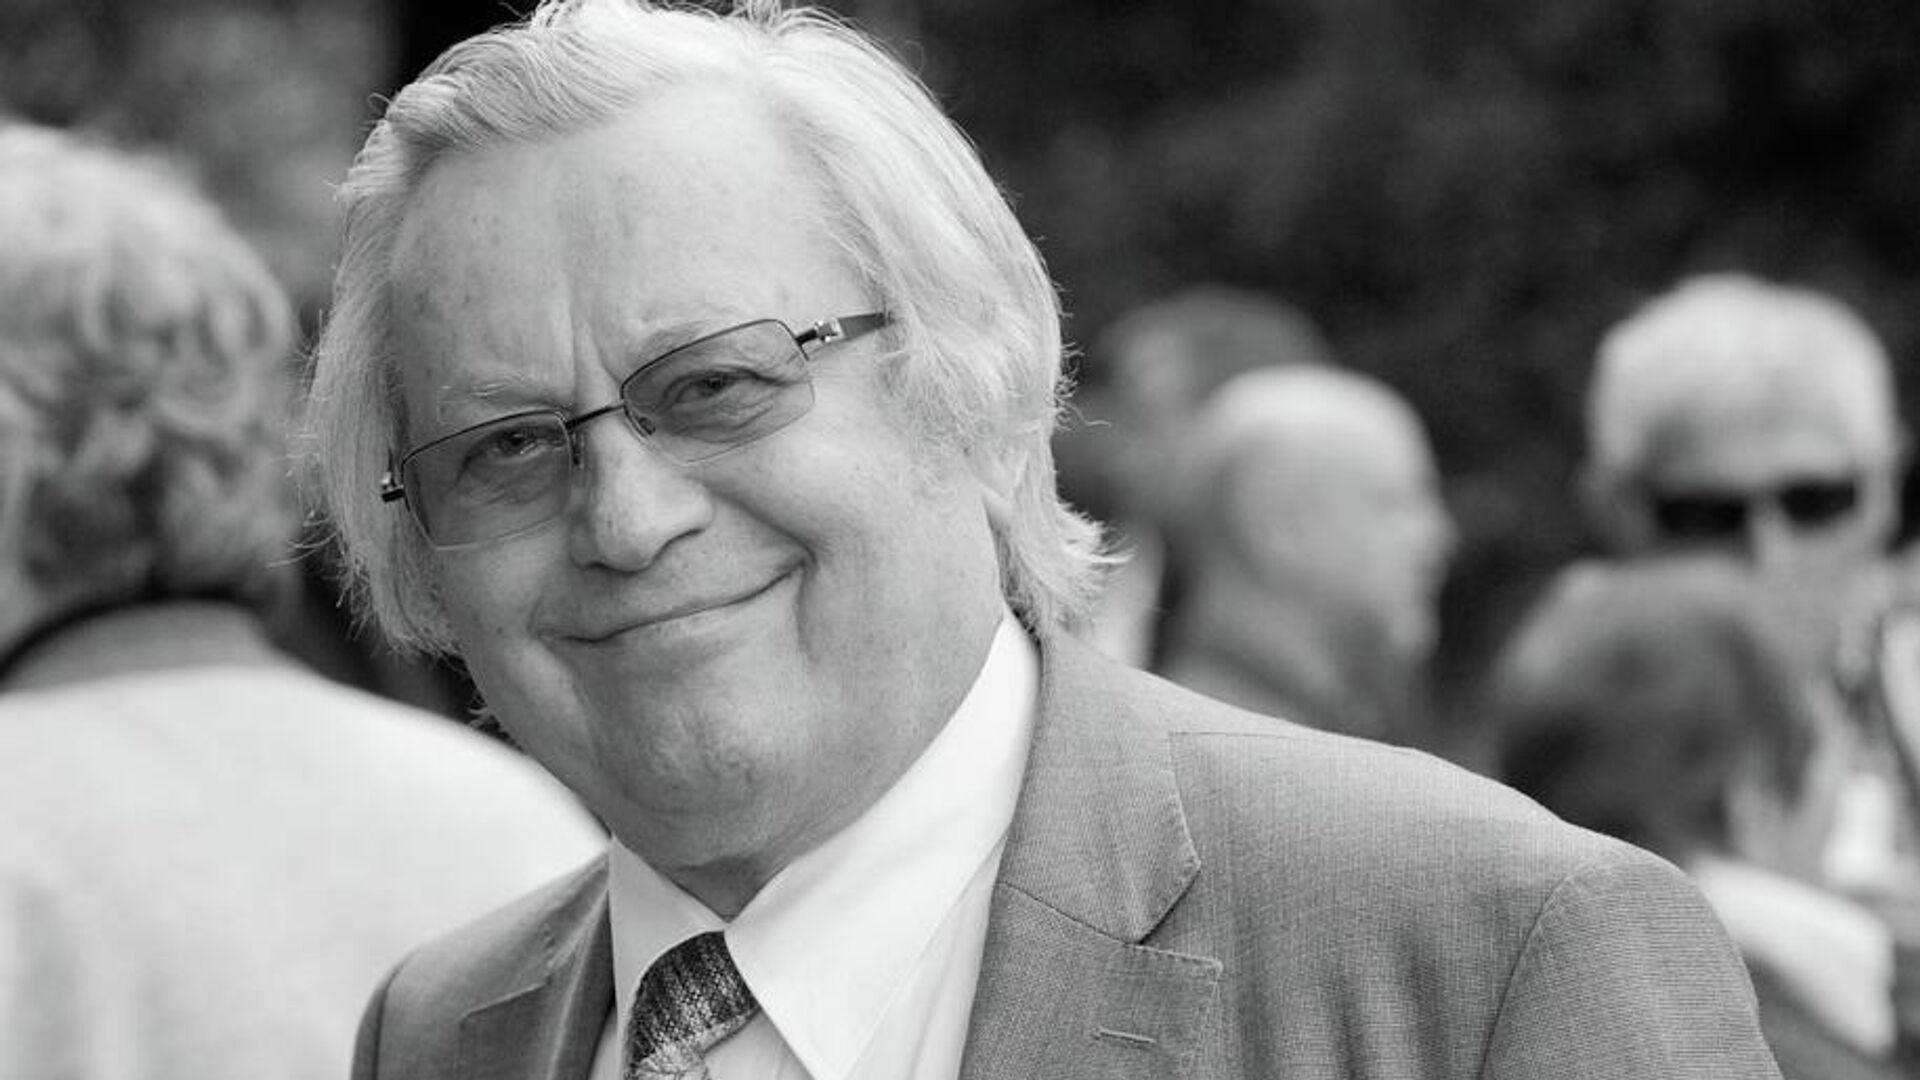 Der Komponist Siegfried Matthus (13.04.1934 - 27.08.2021) - SNA, 1920, 30.08.2021